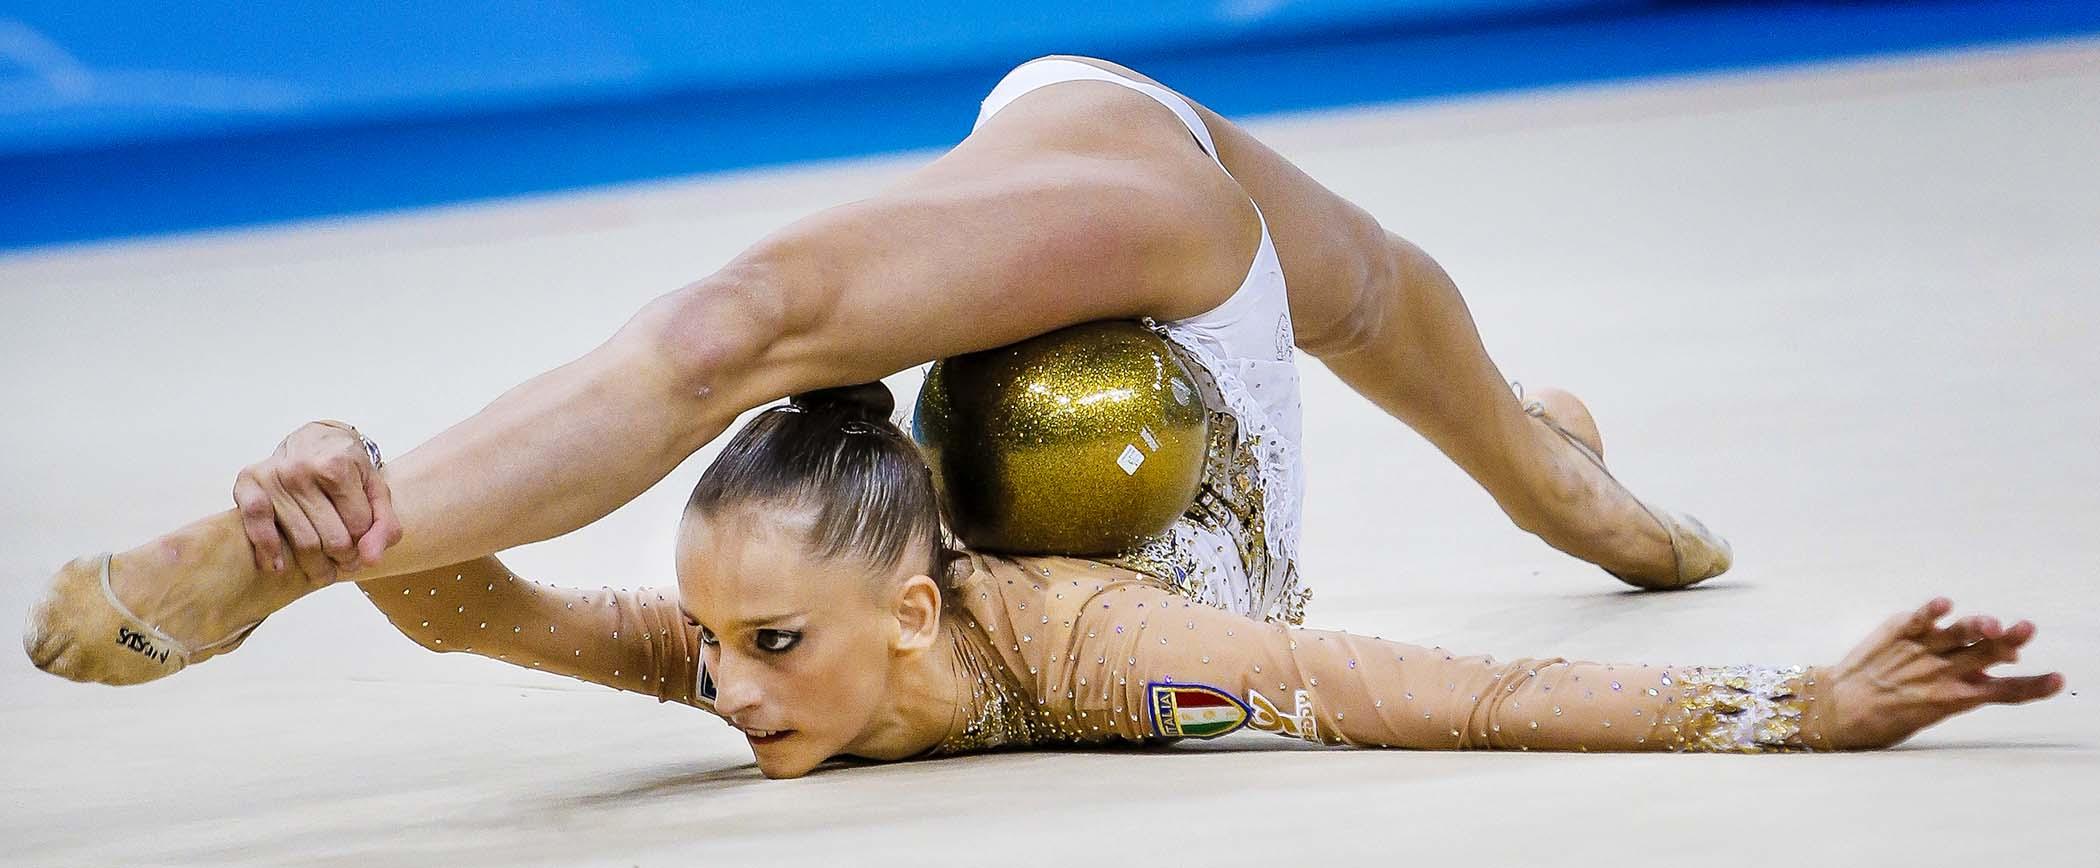 Фото ебли гимнасток крупно, Гимнастки, порно фото, смотреть бесплатно 30 фотография